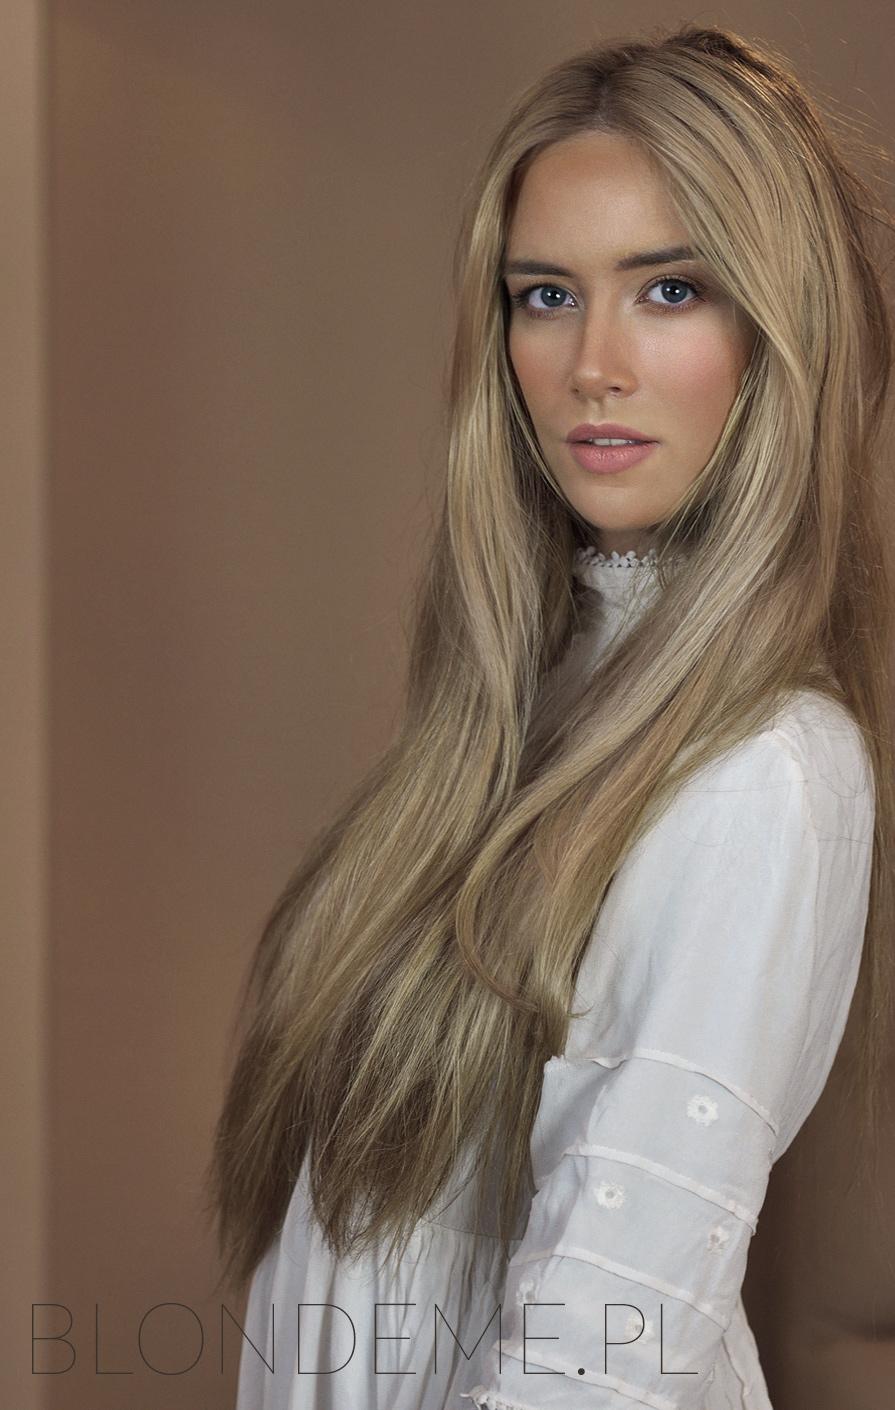 Pielegnacja wlosow blond farbowanych blog blondeme